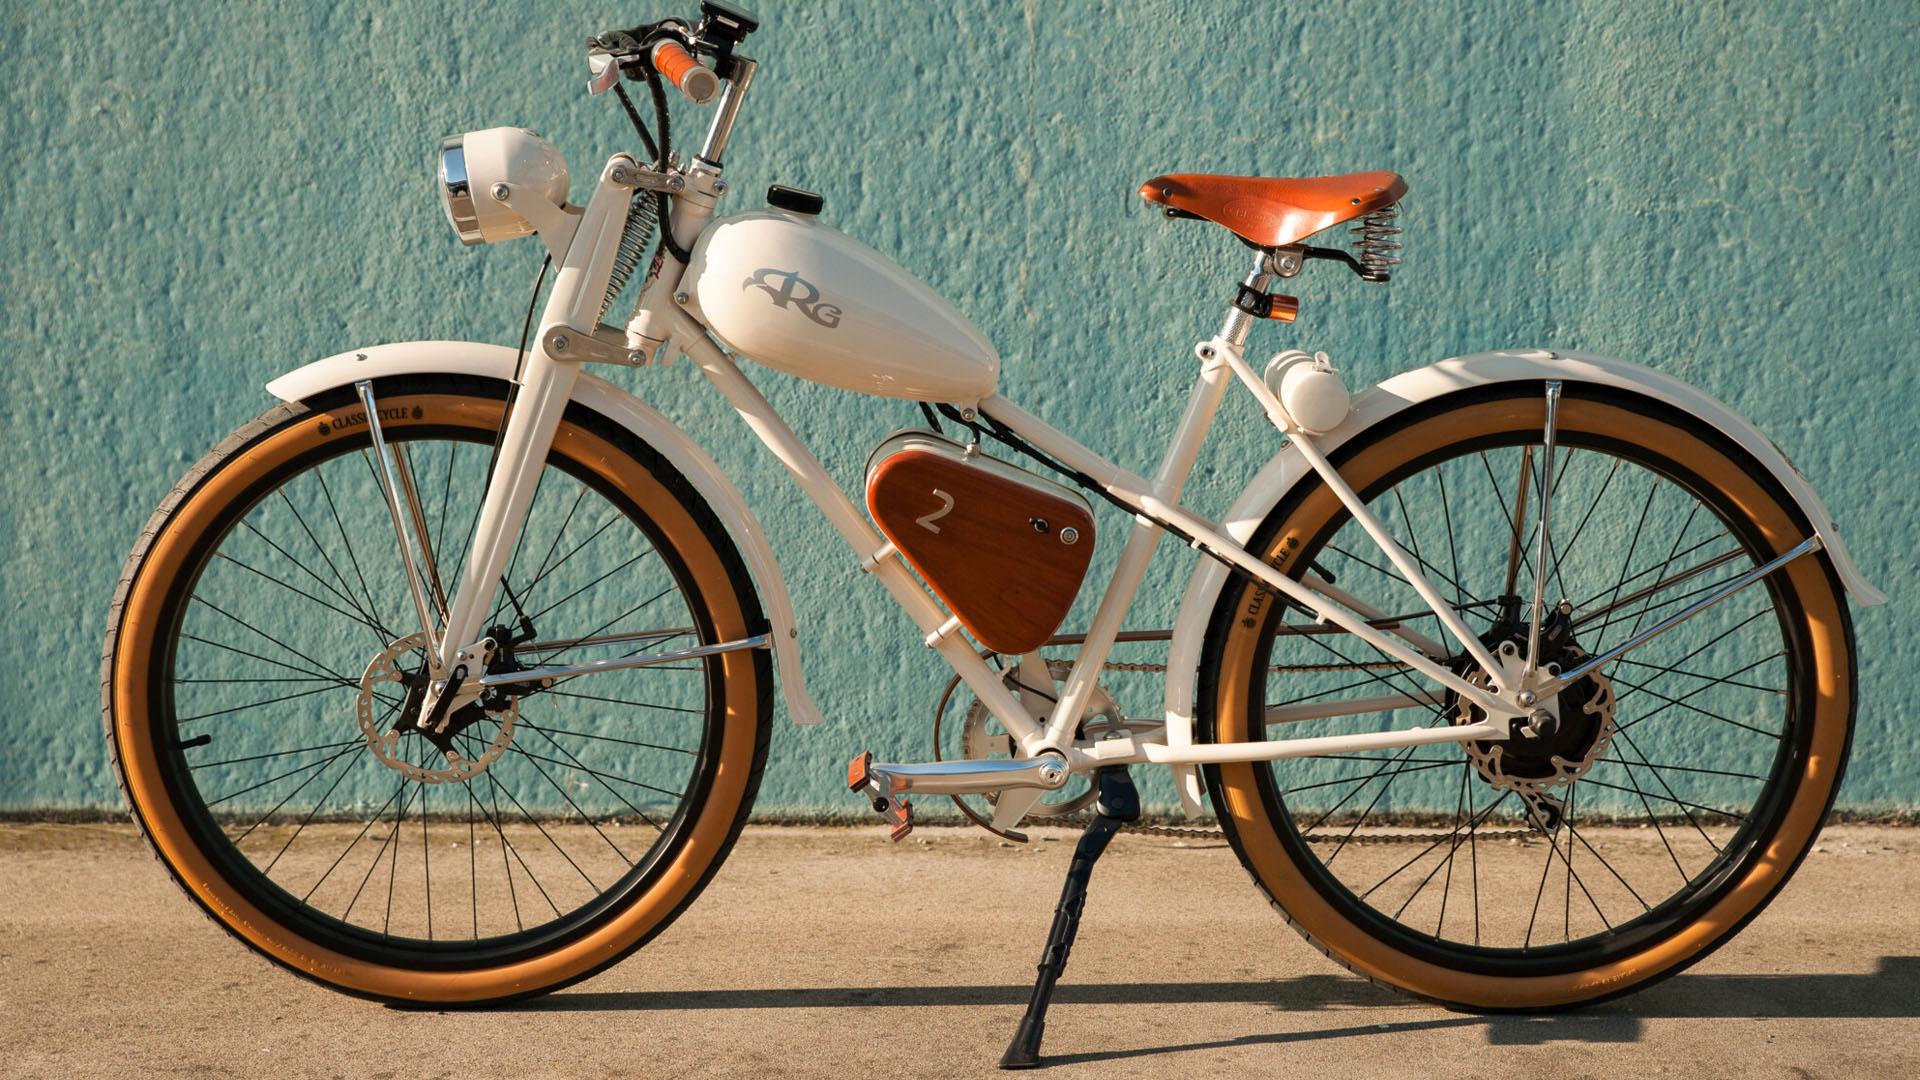 E-Bike Vintage: moto anni 50' trasformate in biciclette